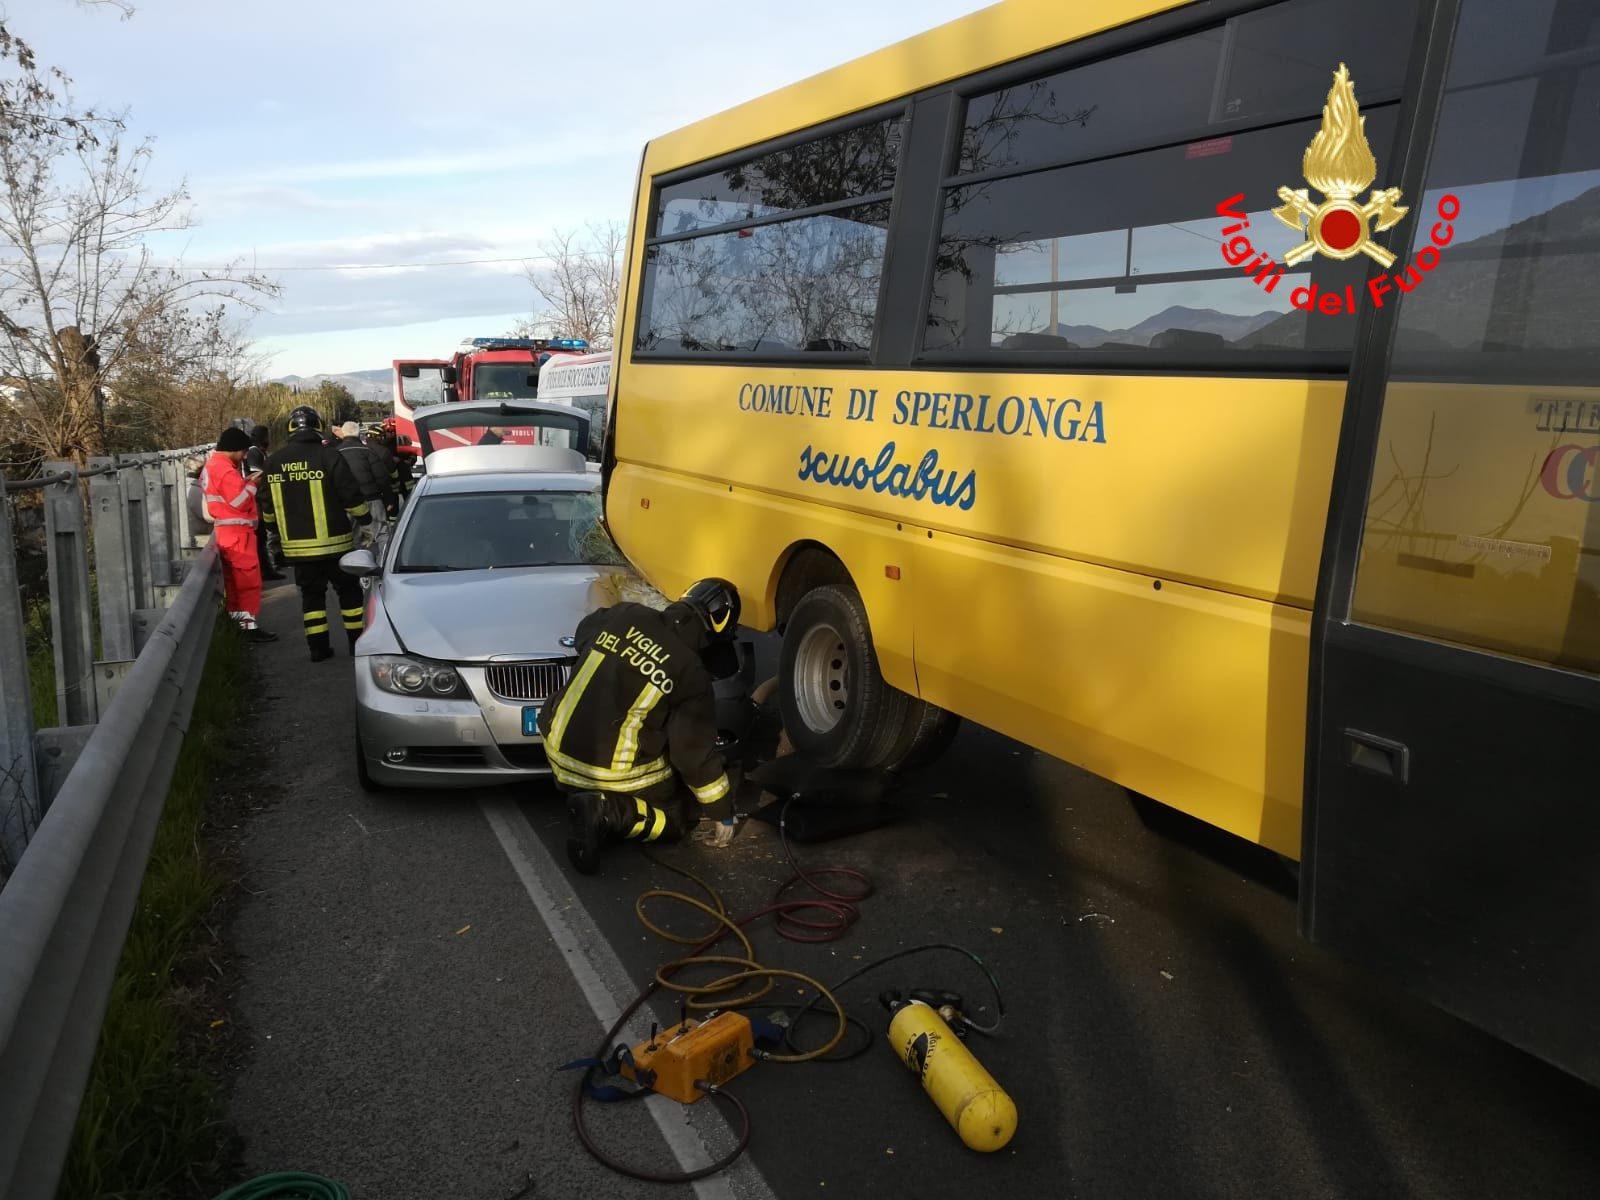 Sperlonga, schianto tra una Bmw e uno scuolabus: ferita automobilista